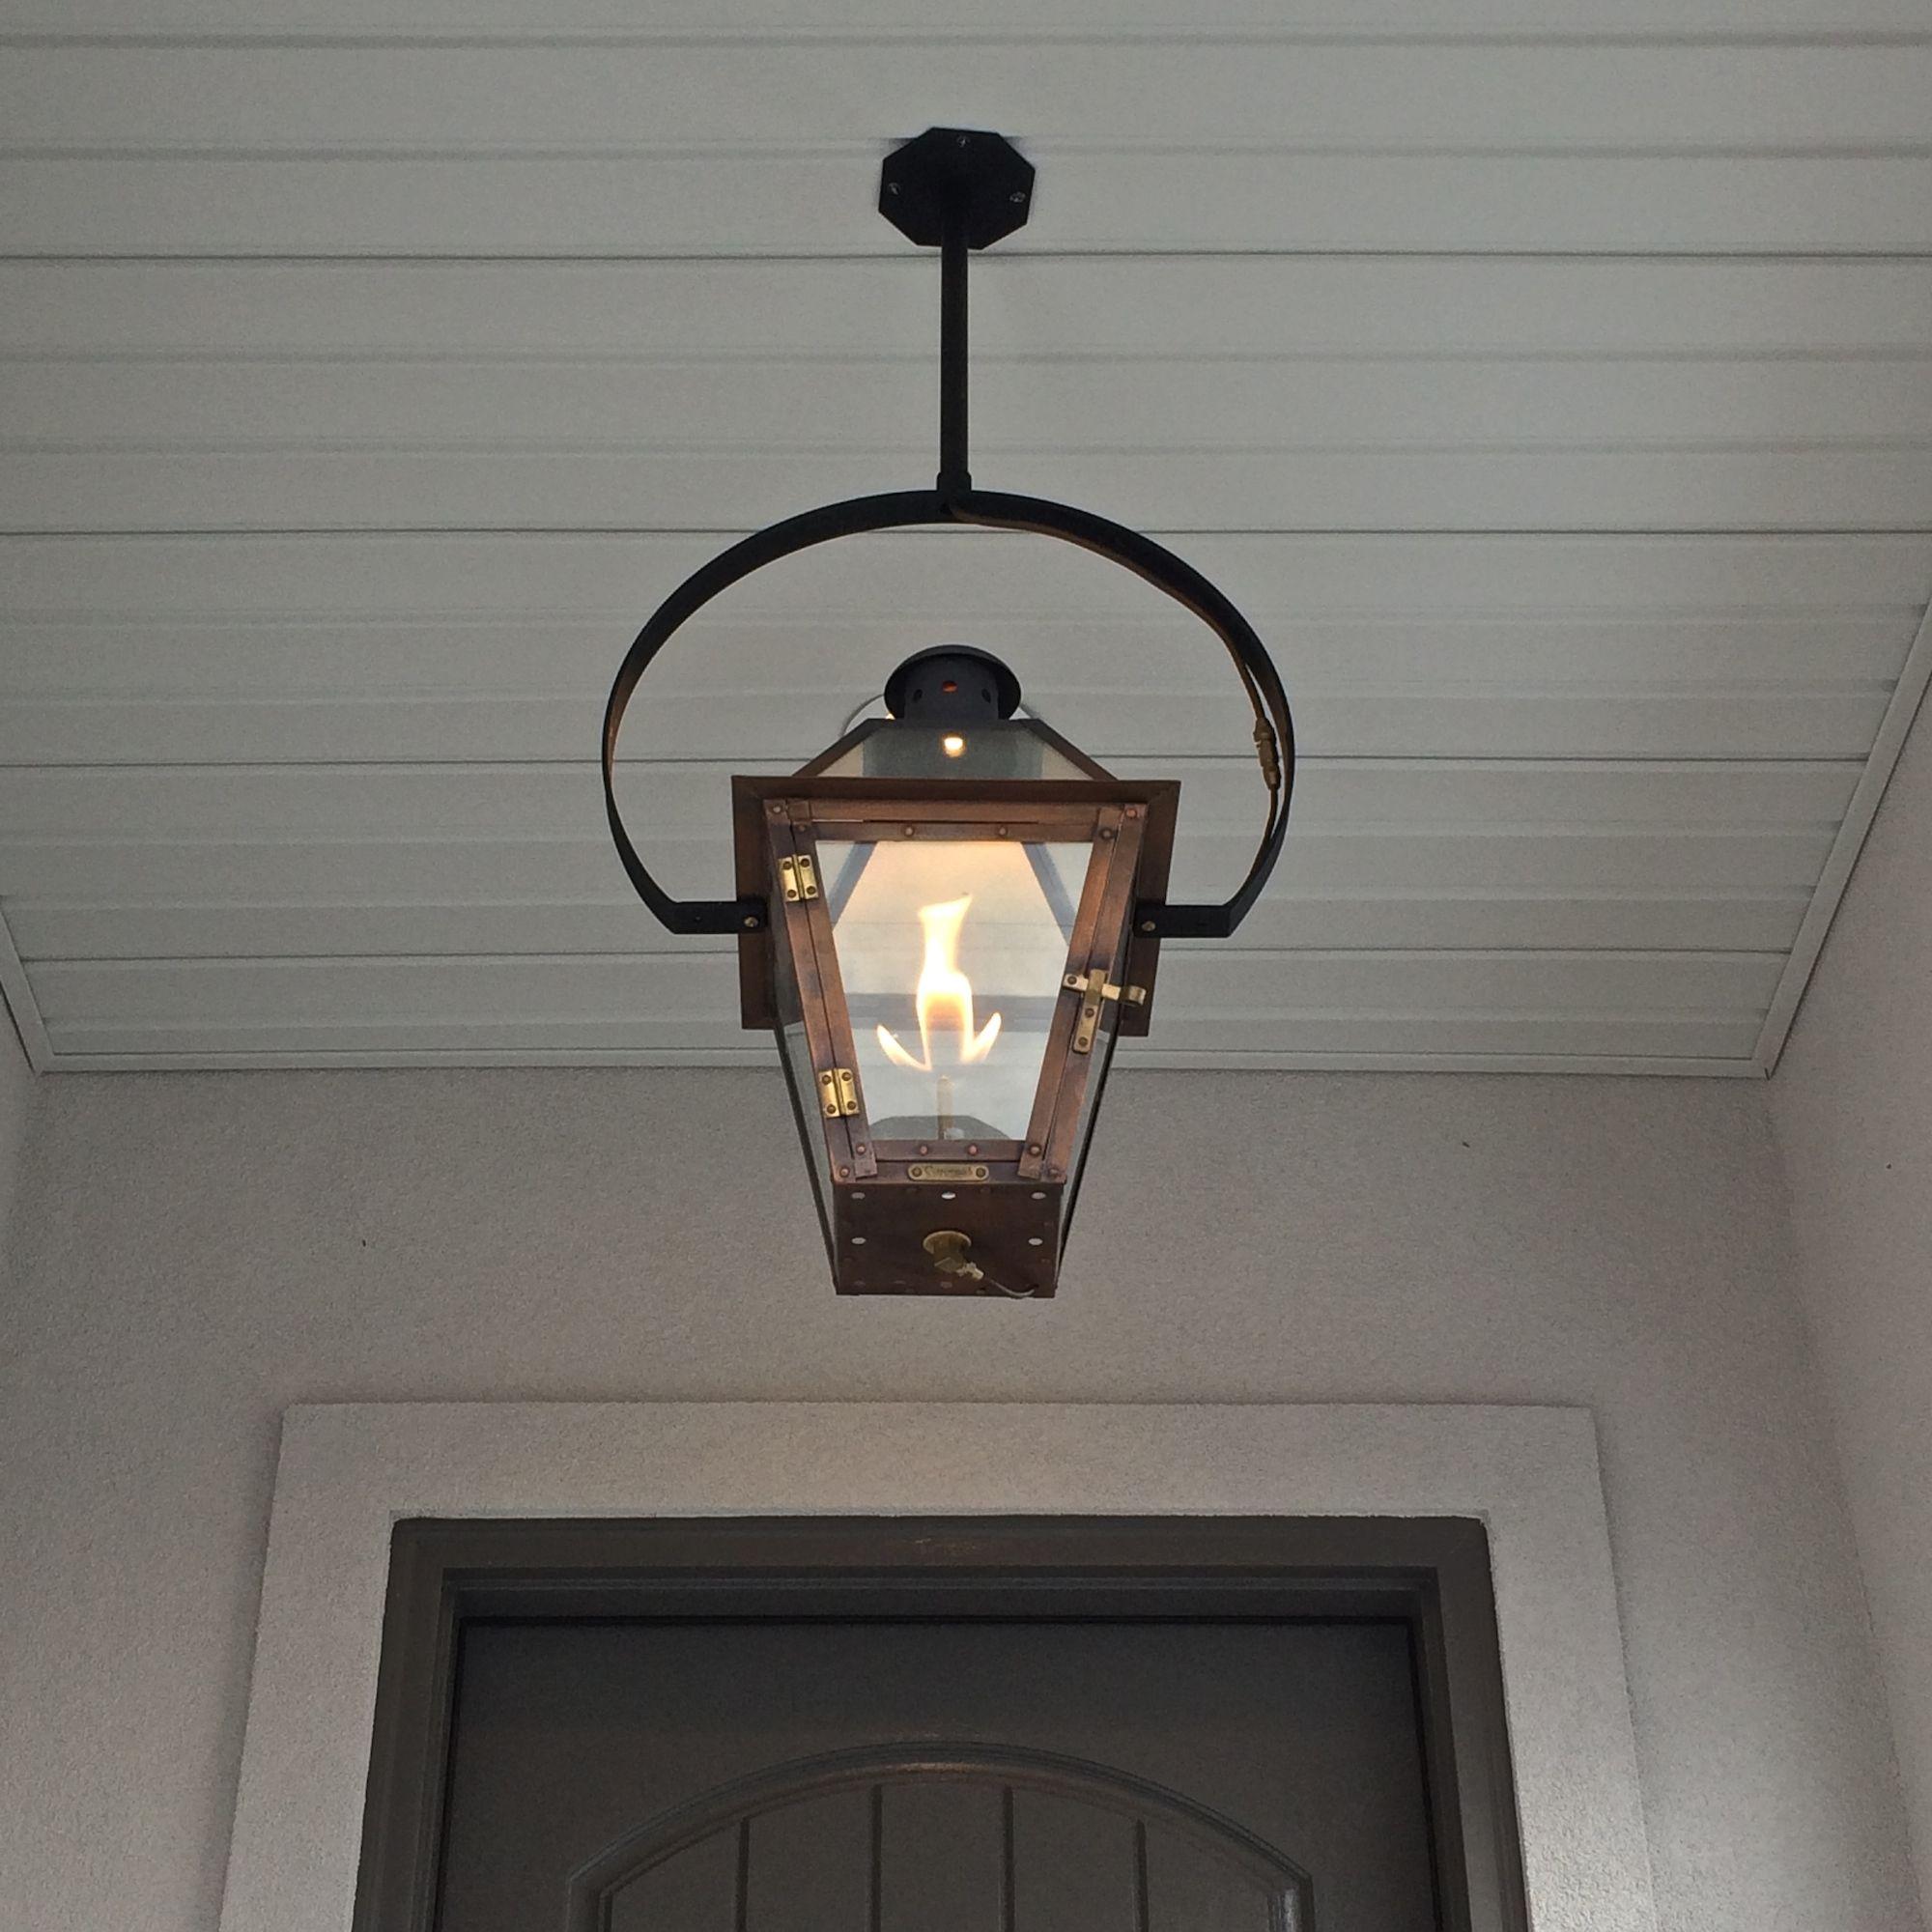 Exterior Entryway Large Hanging Gas Lantern Estess Contractors